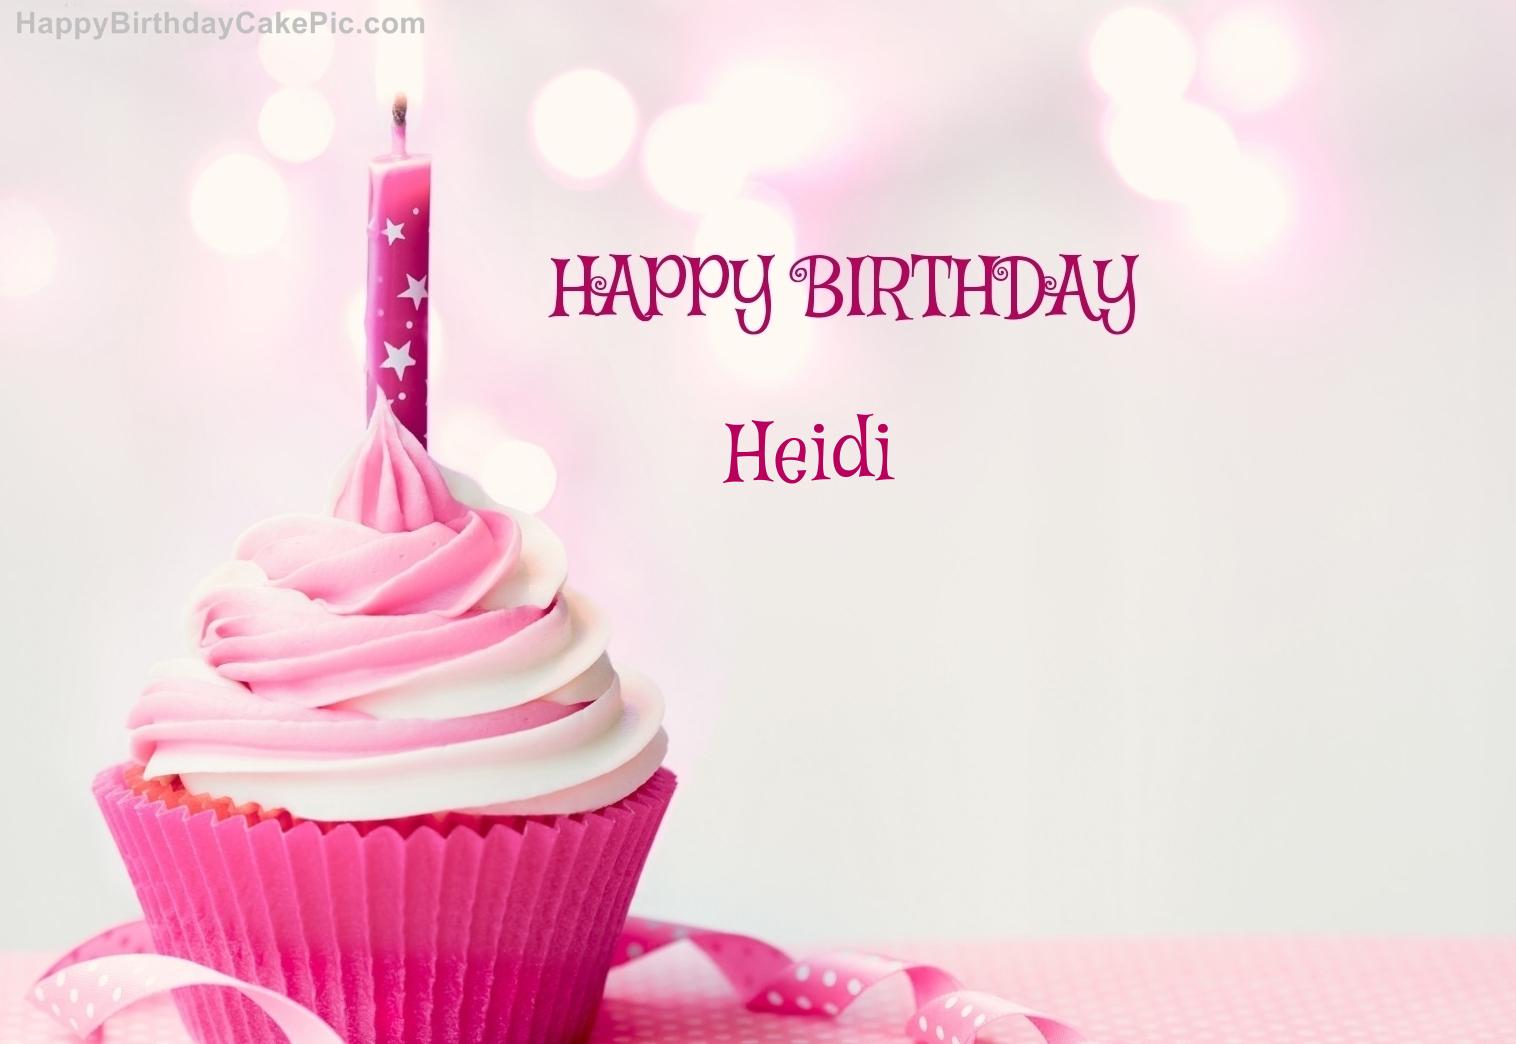 Happy Birthday Heidi Cake Images